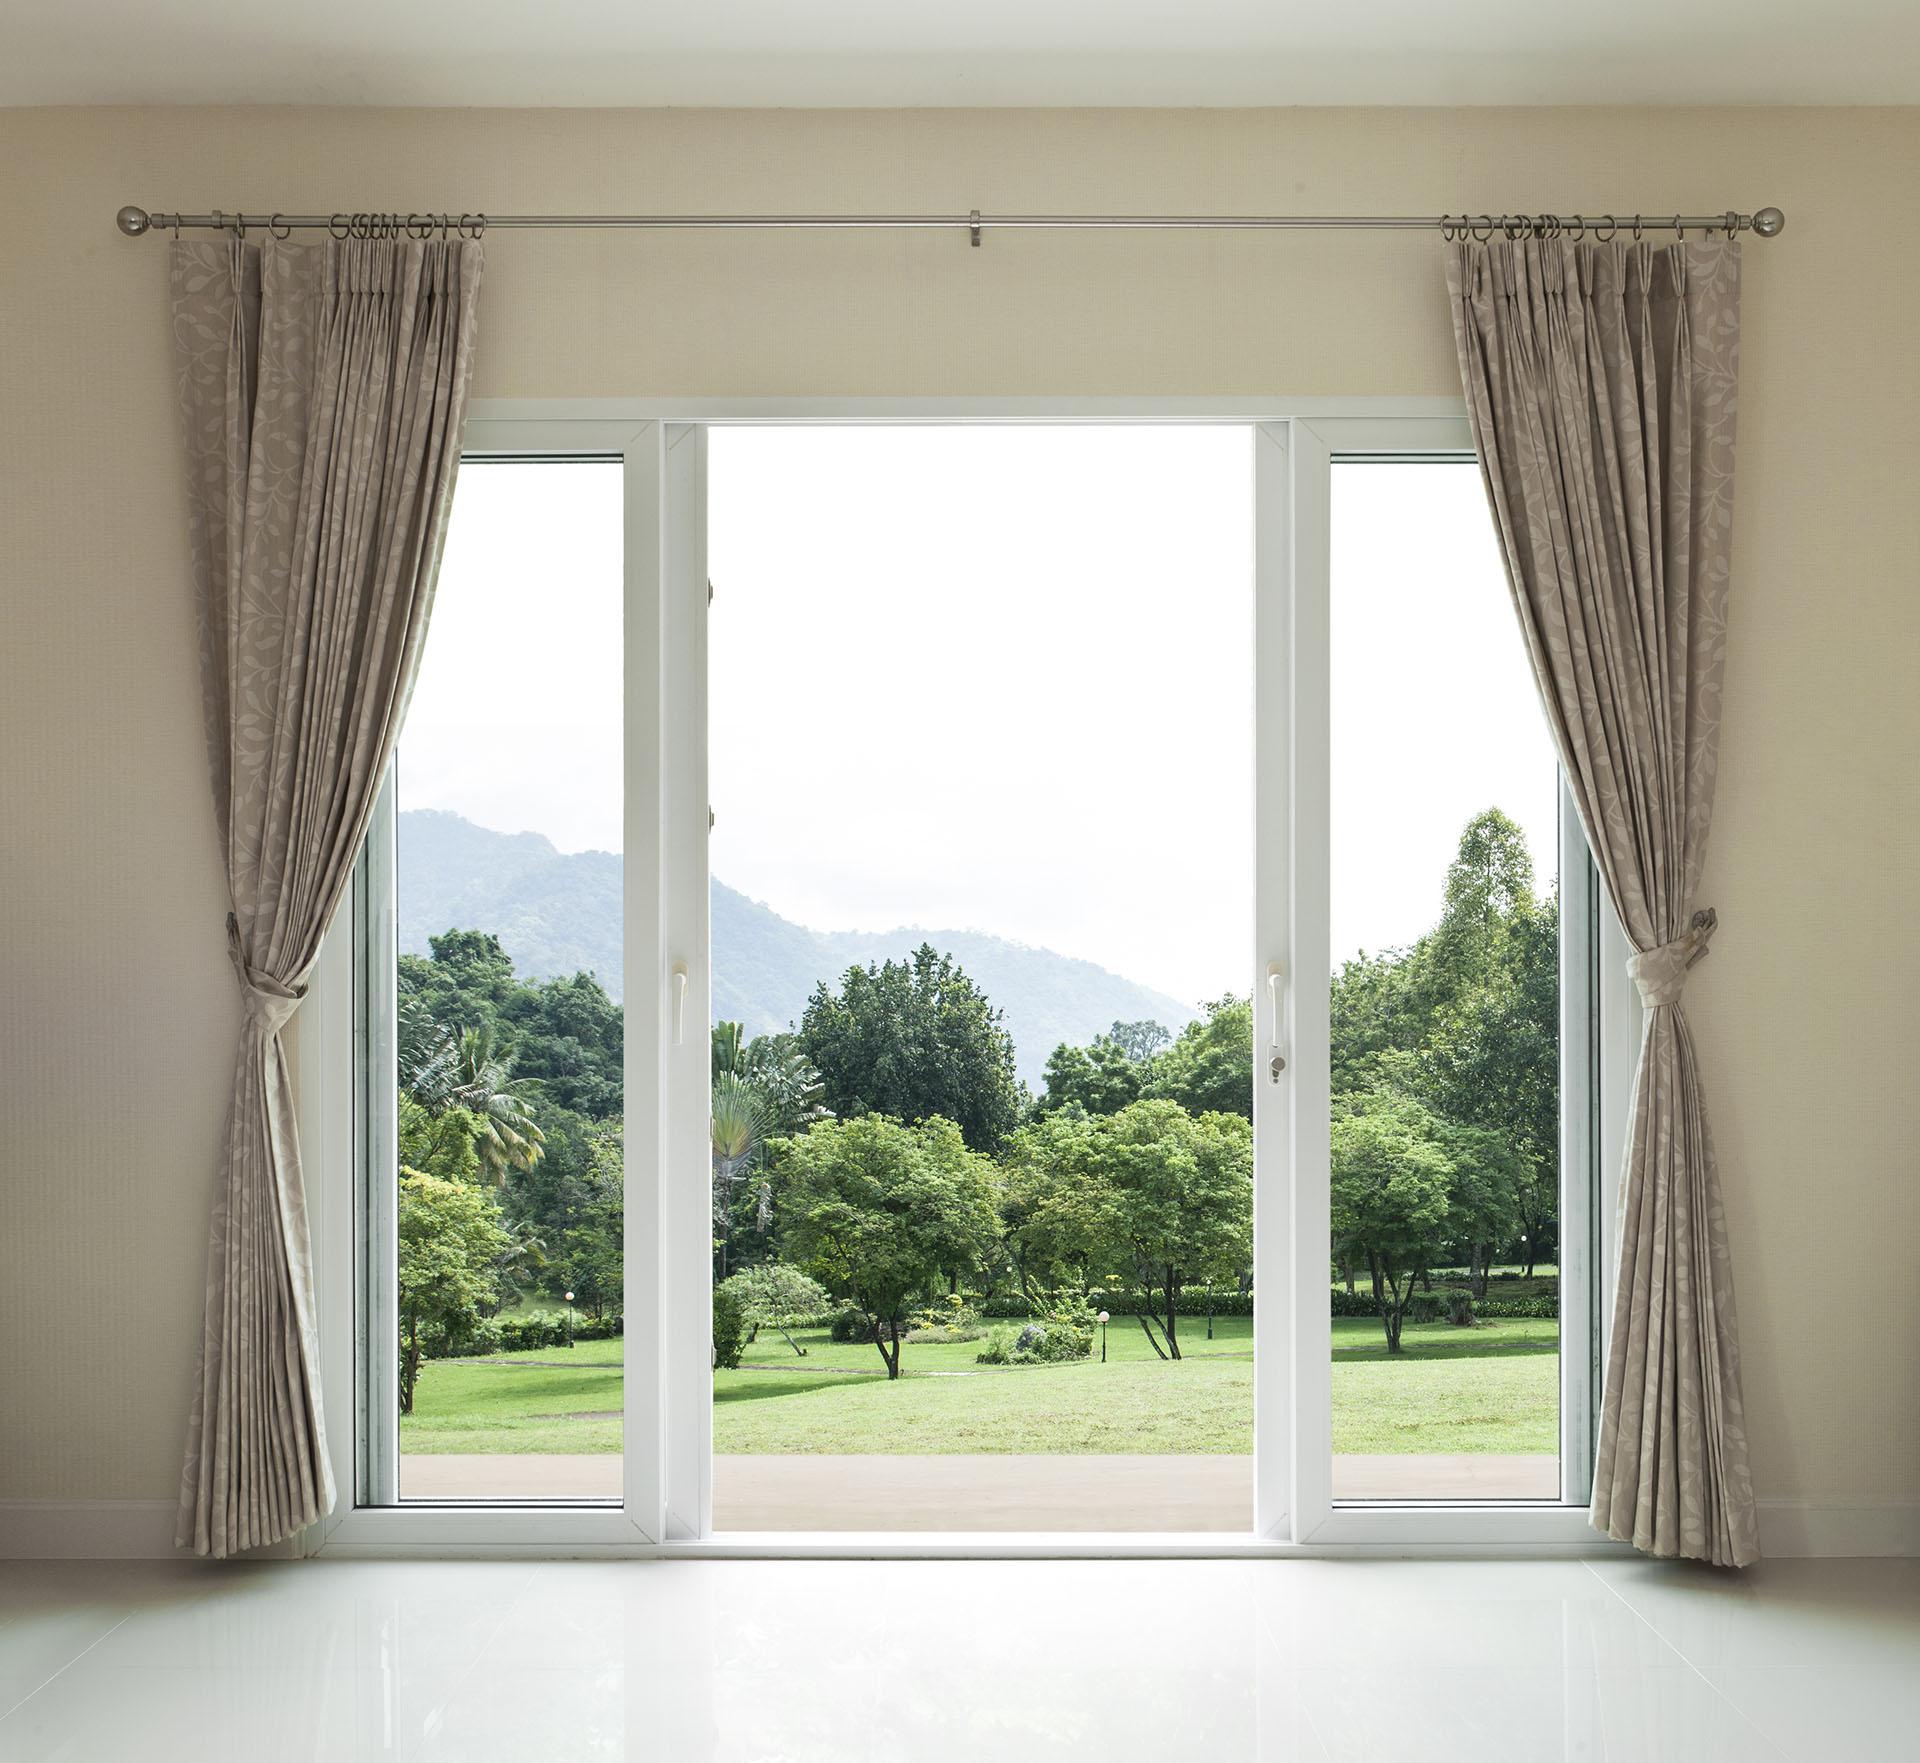 Opened door,  green garden view